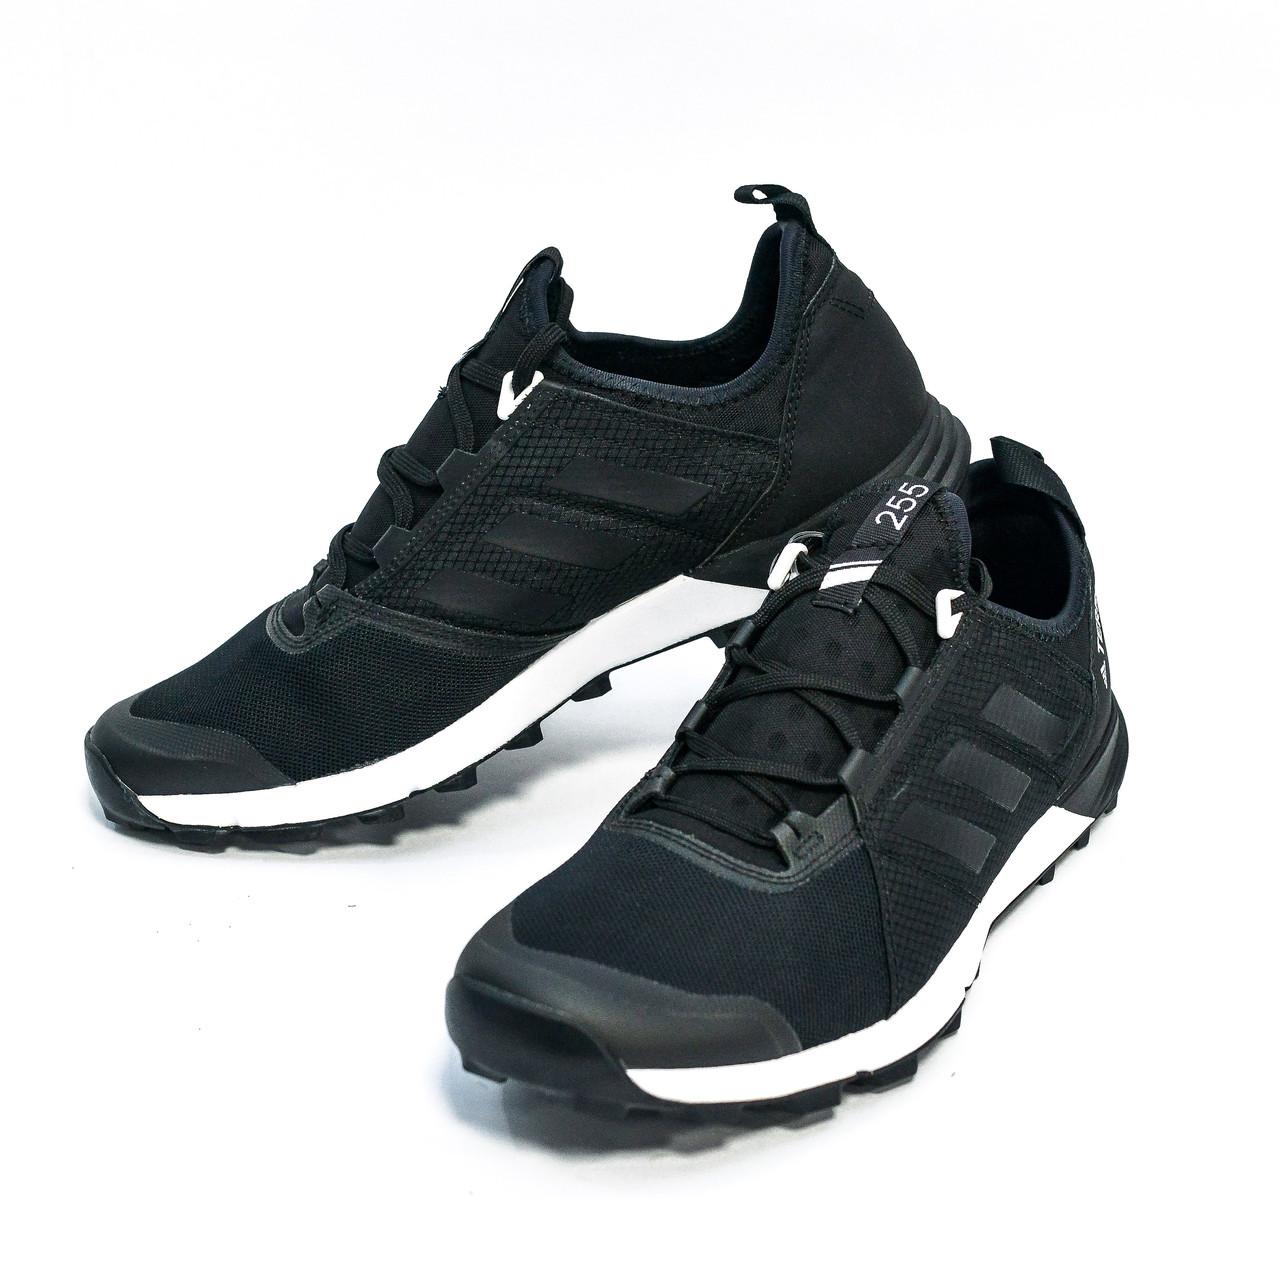 Оригинальные мужские кроссовки Adidas Terrex AGRAVIC Speed